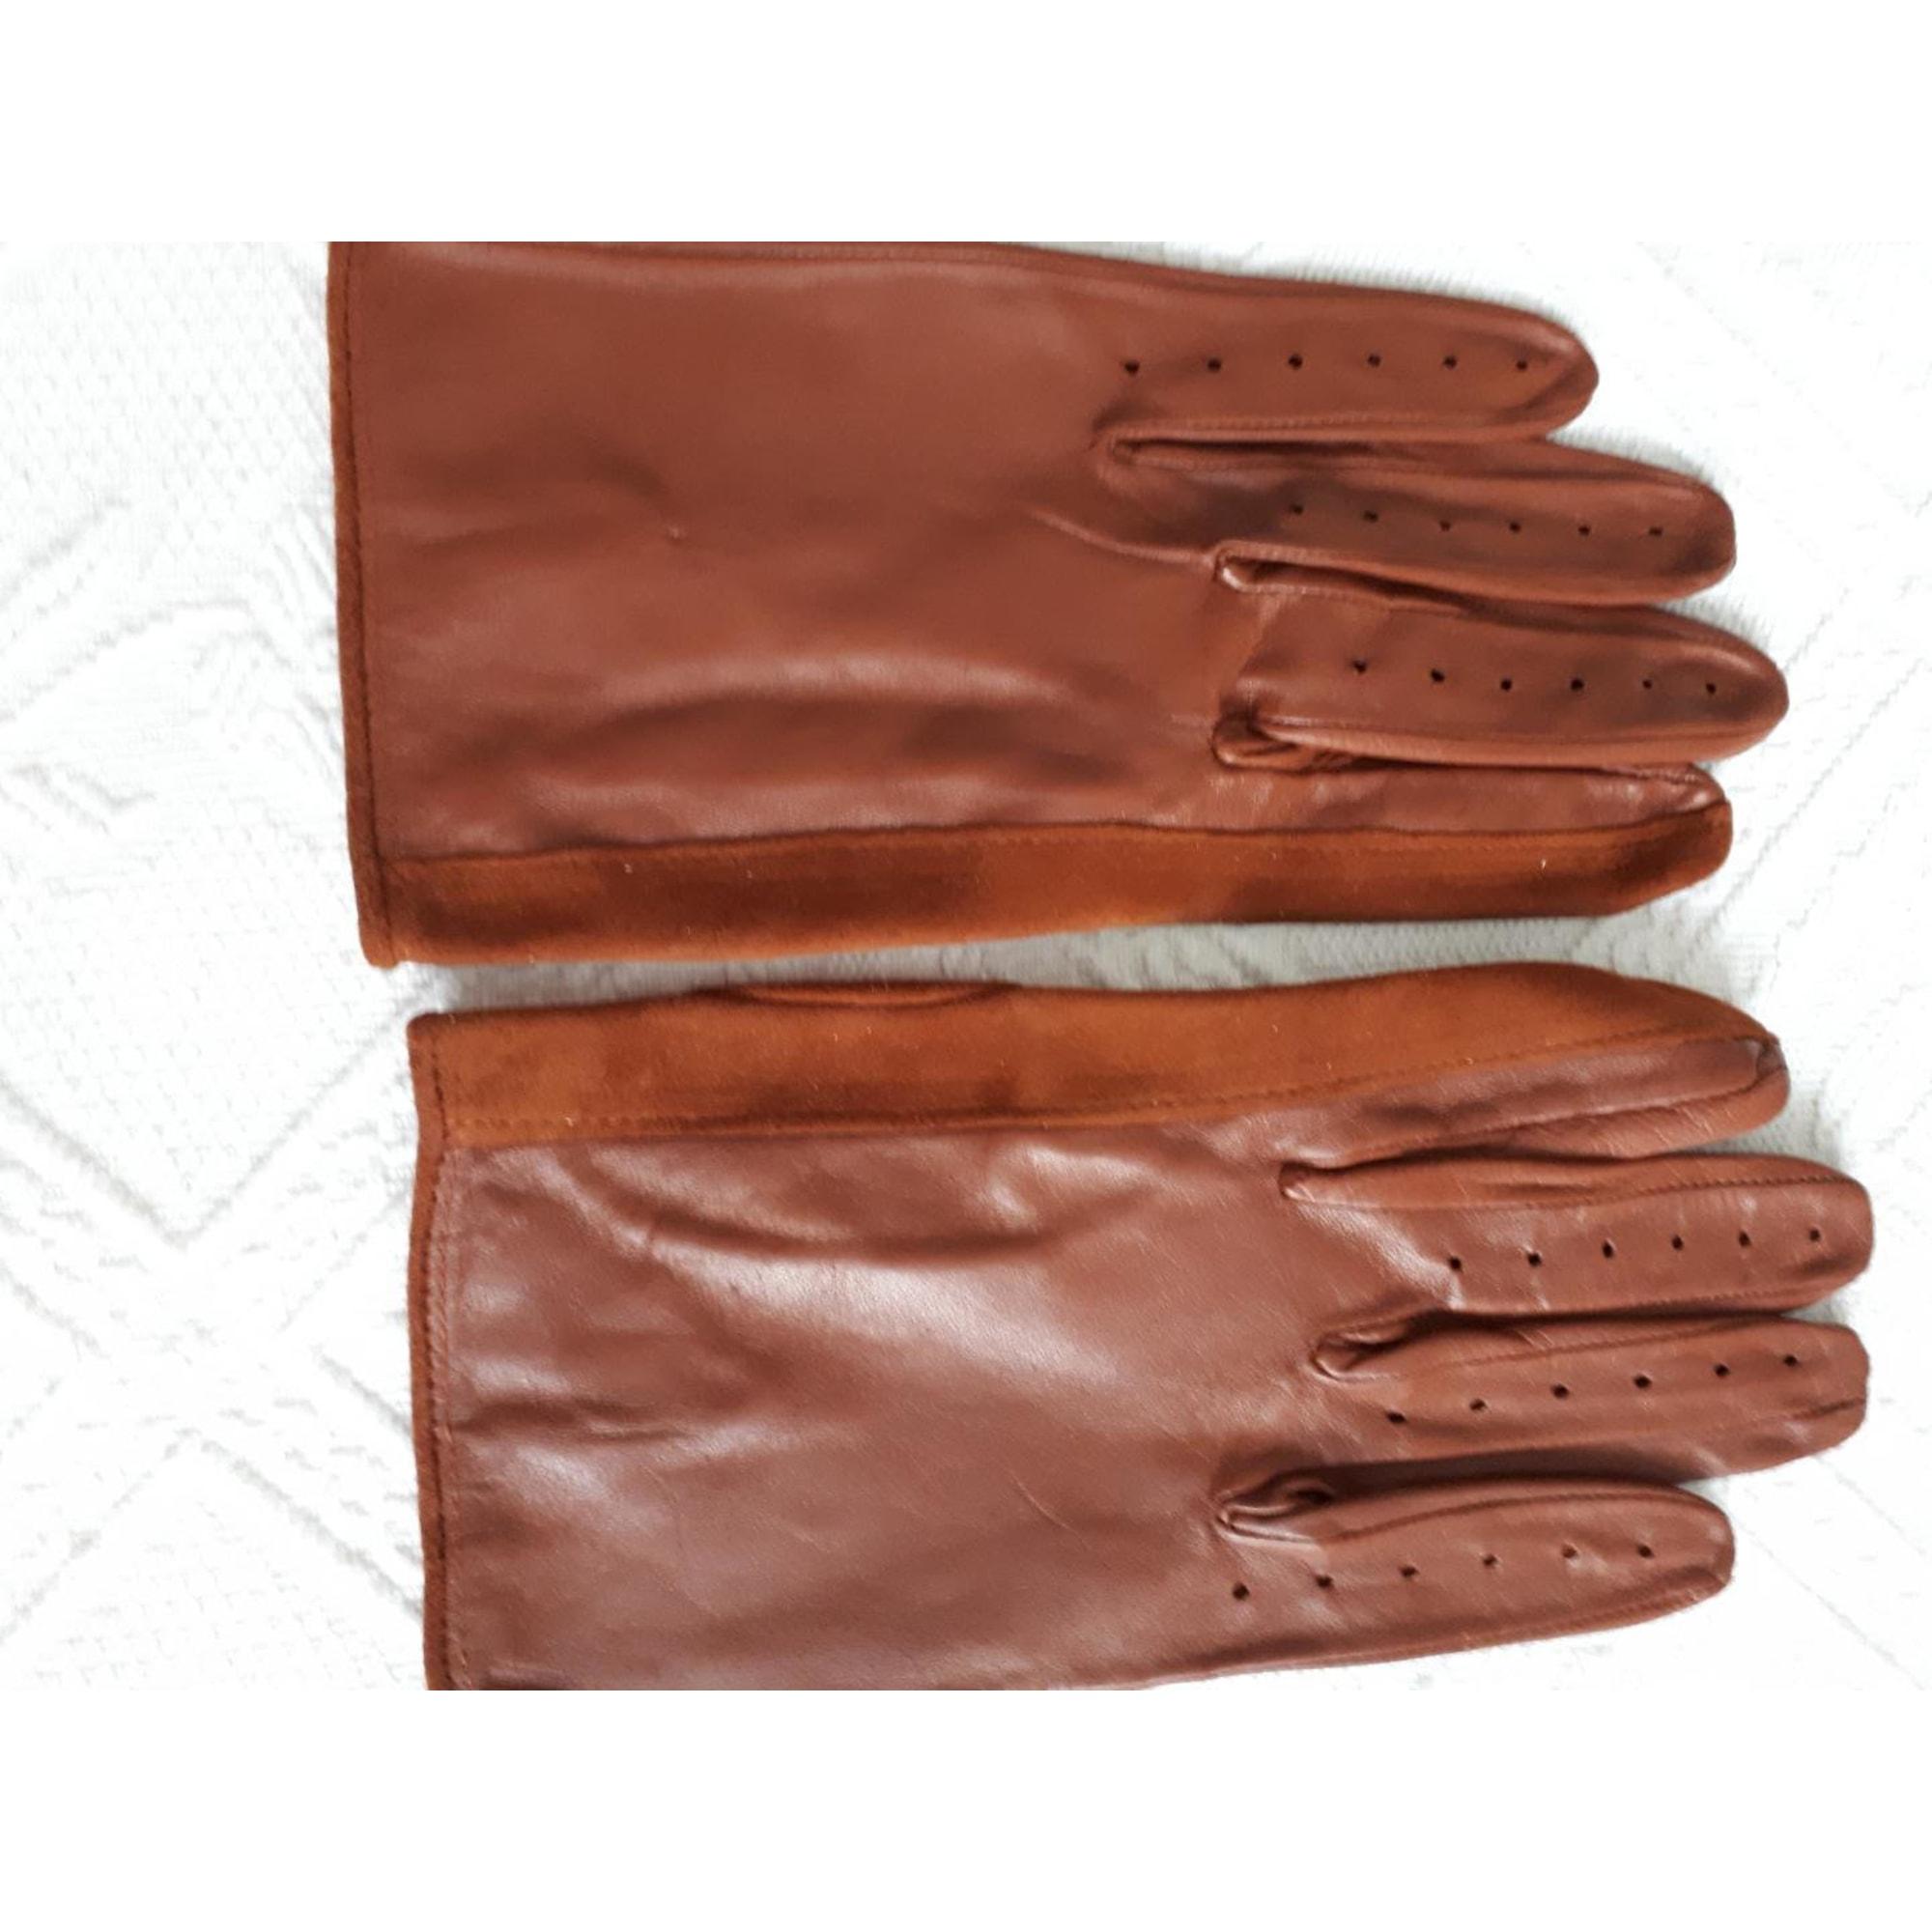 Handschuhe MARQUE INCONNUE Braun